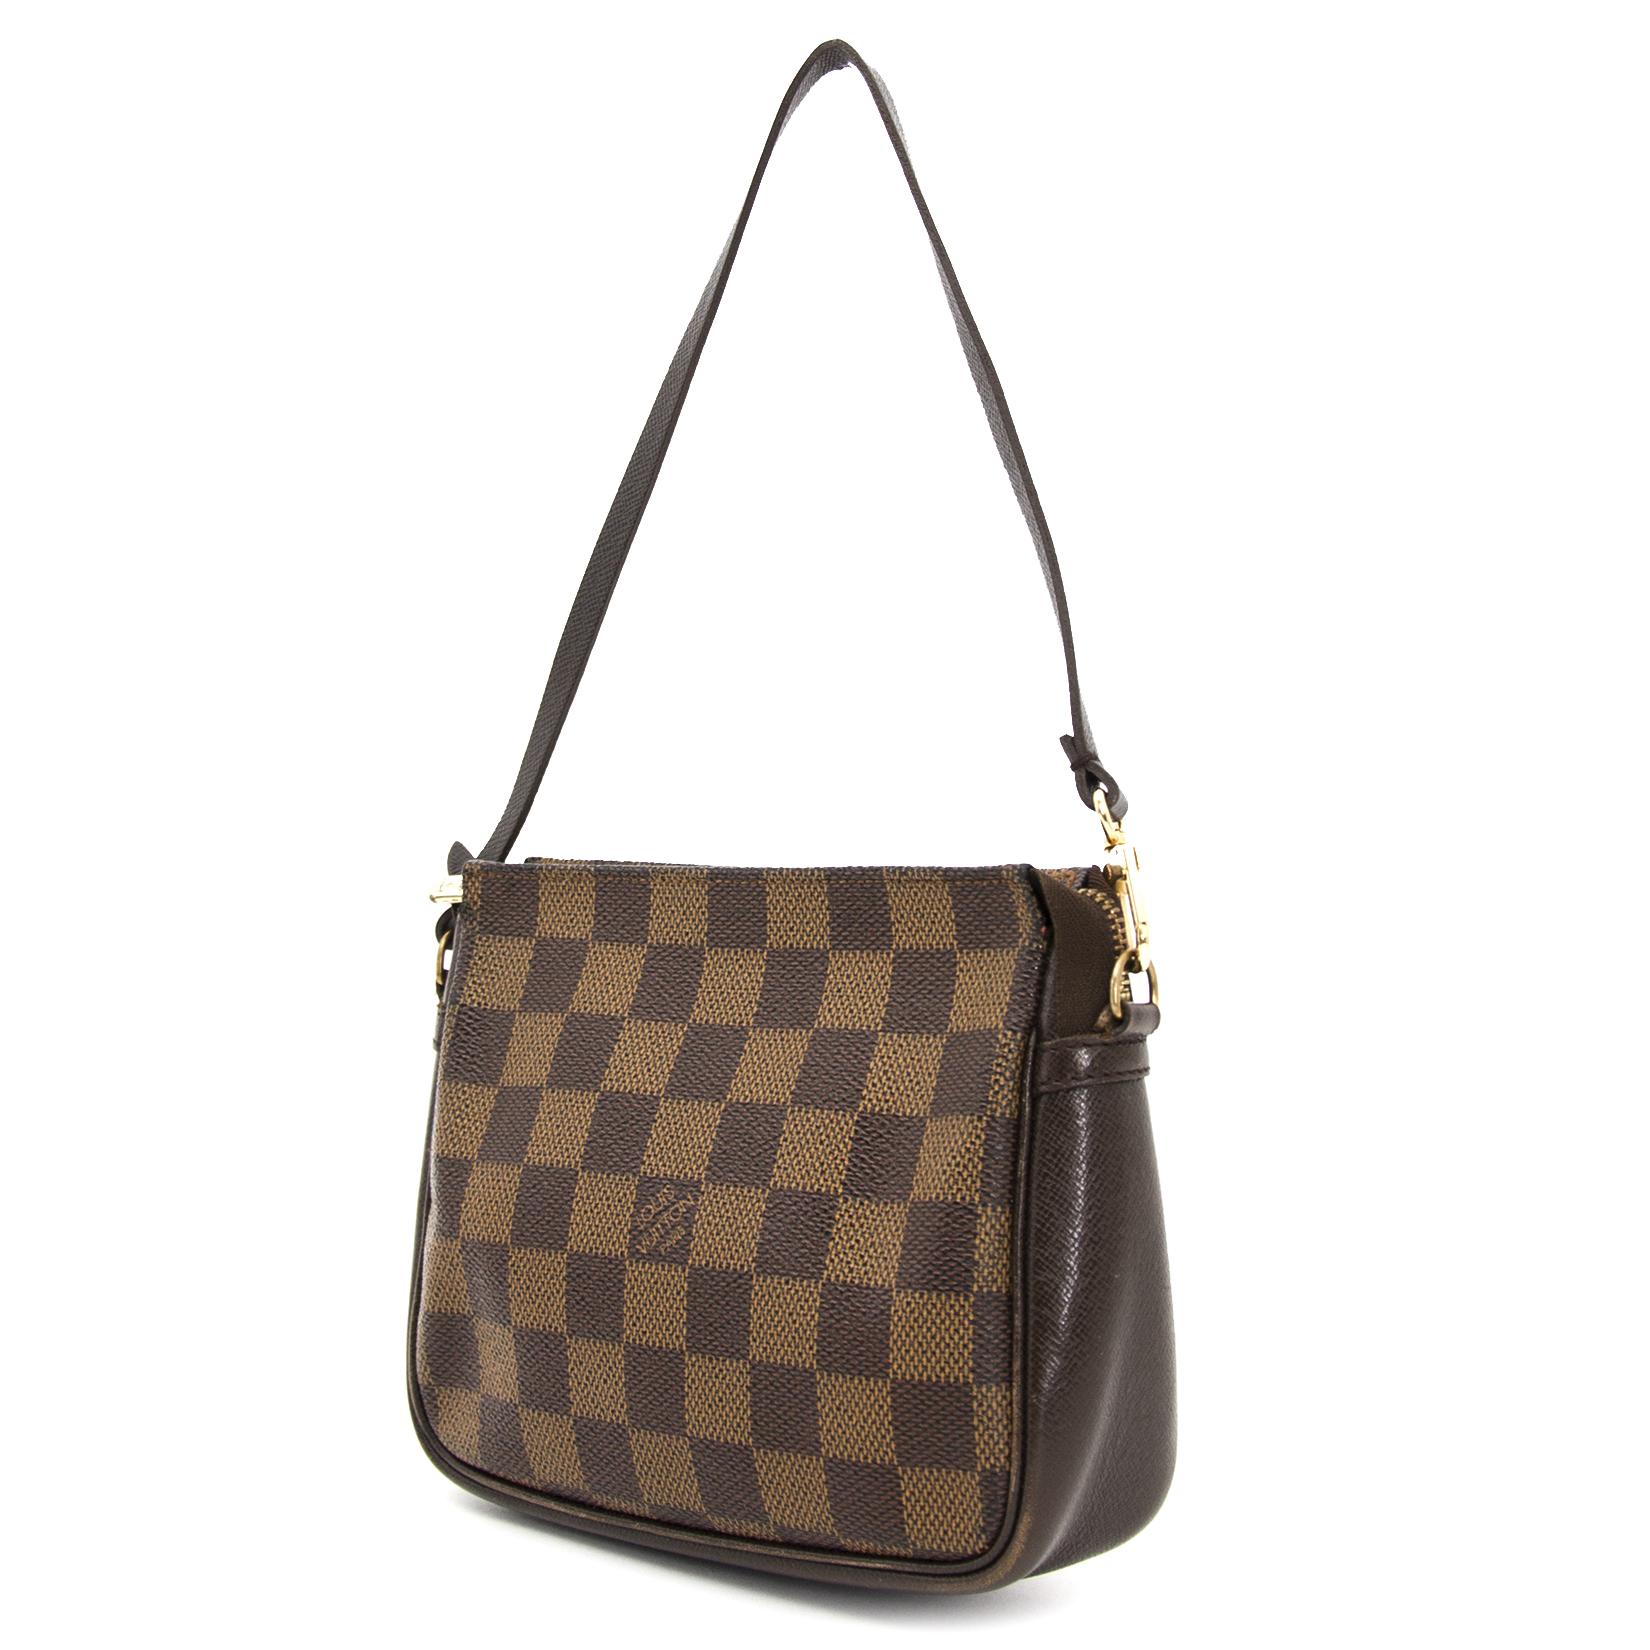 aa27303ef47e ... buy now online your secondhand Louis Vuitton Damier Ebene Trousse  Pochette on labellov.com